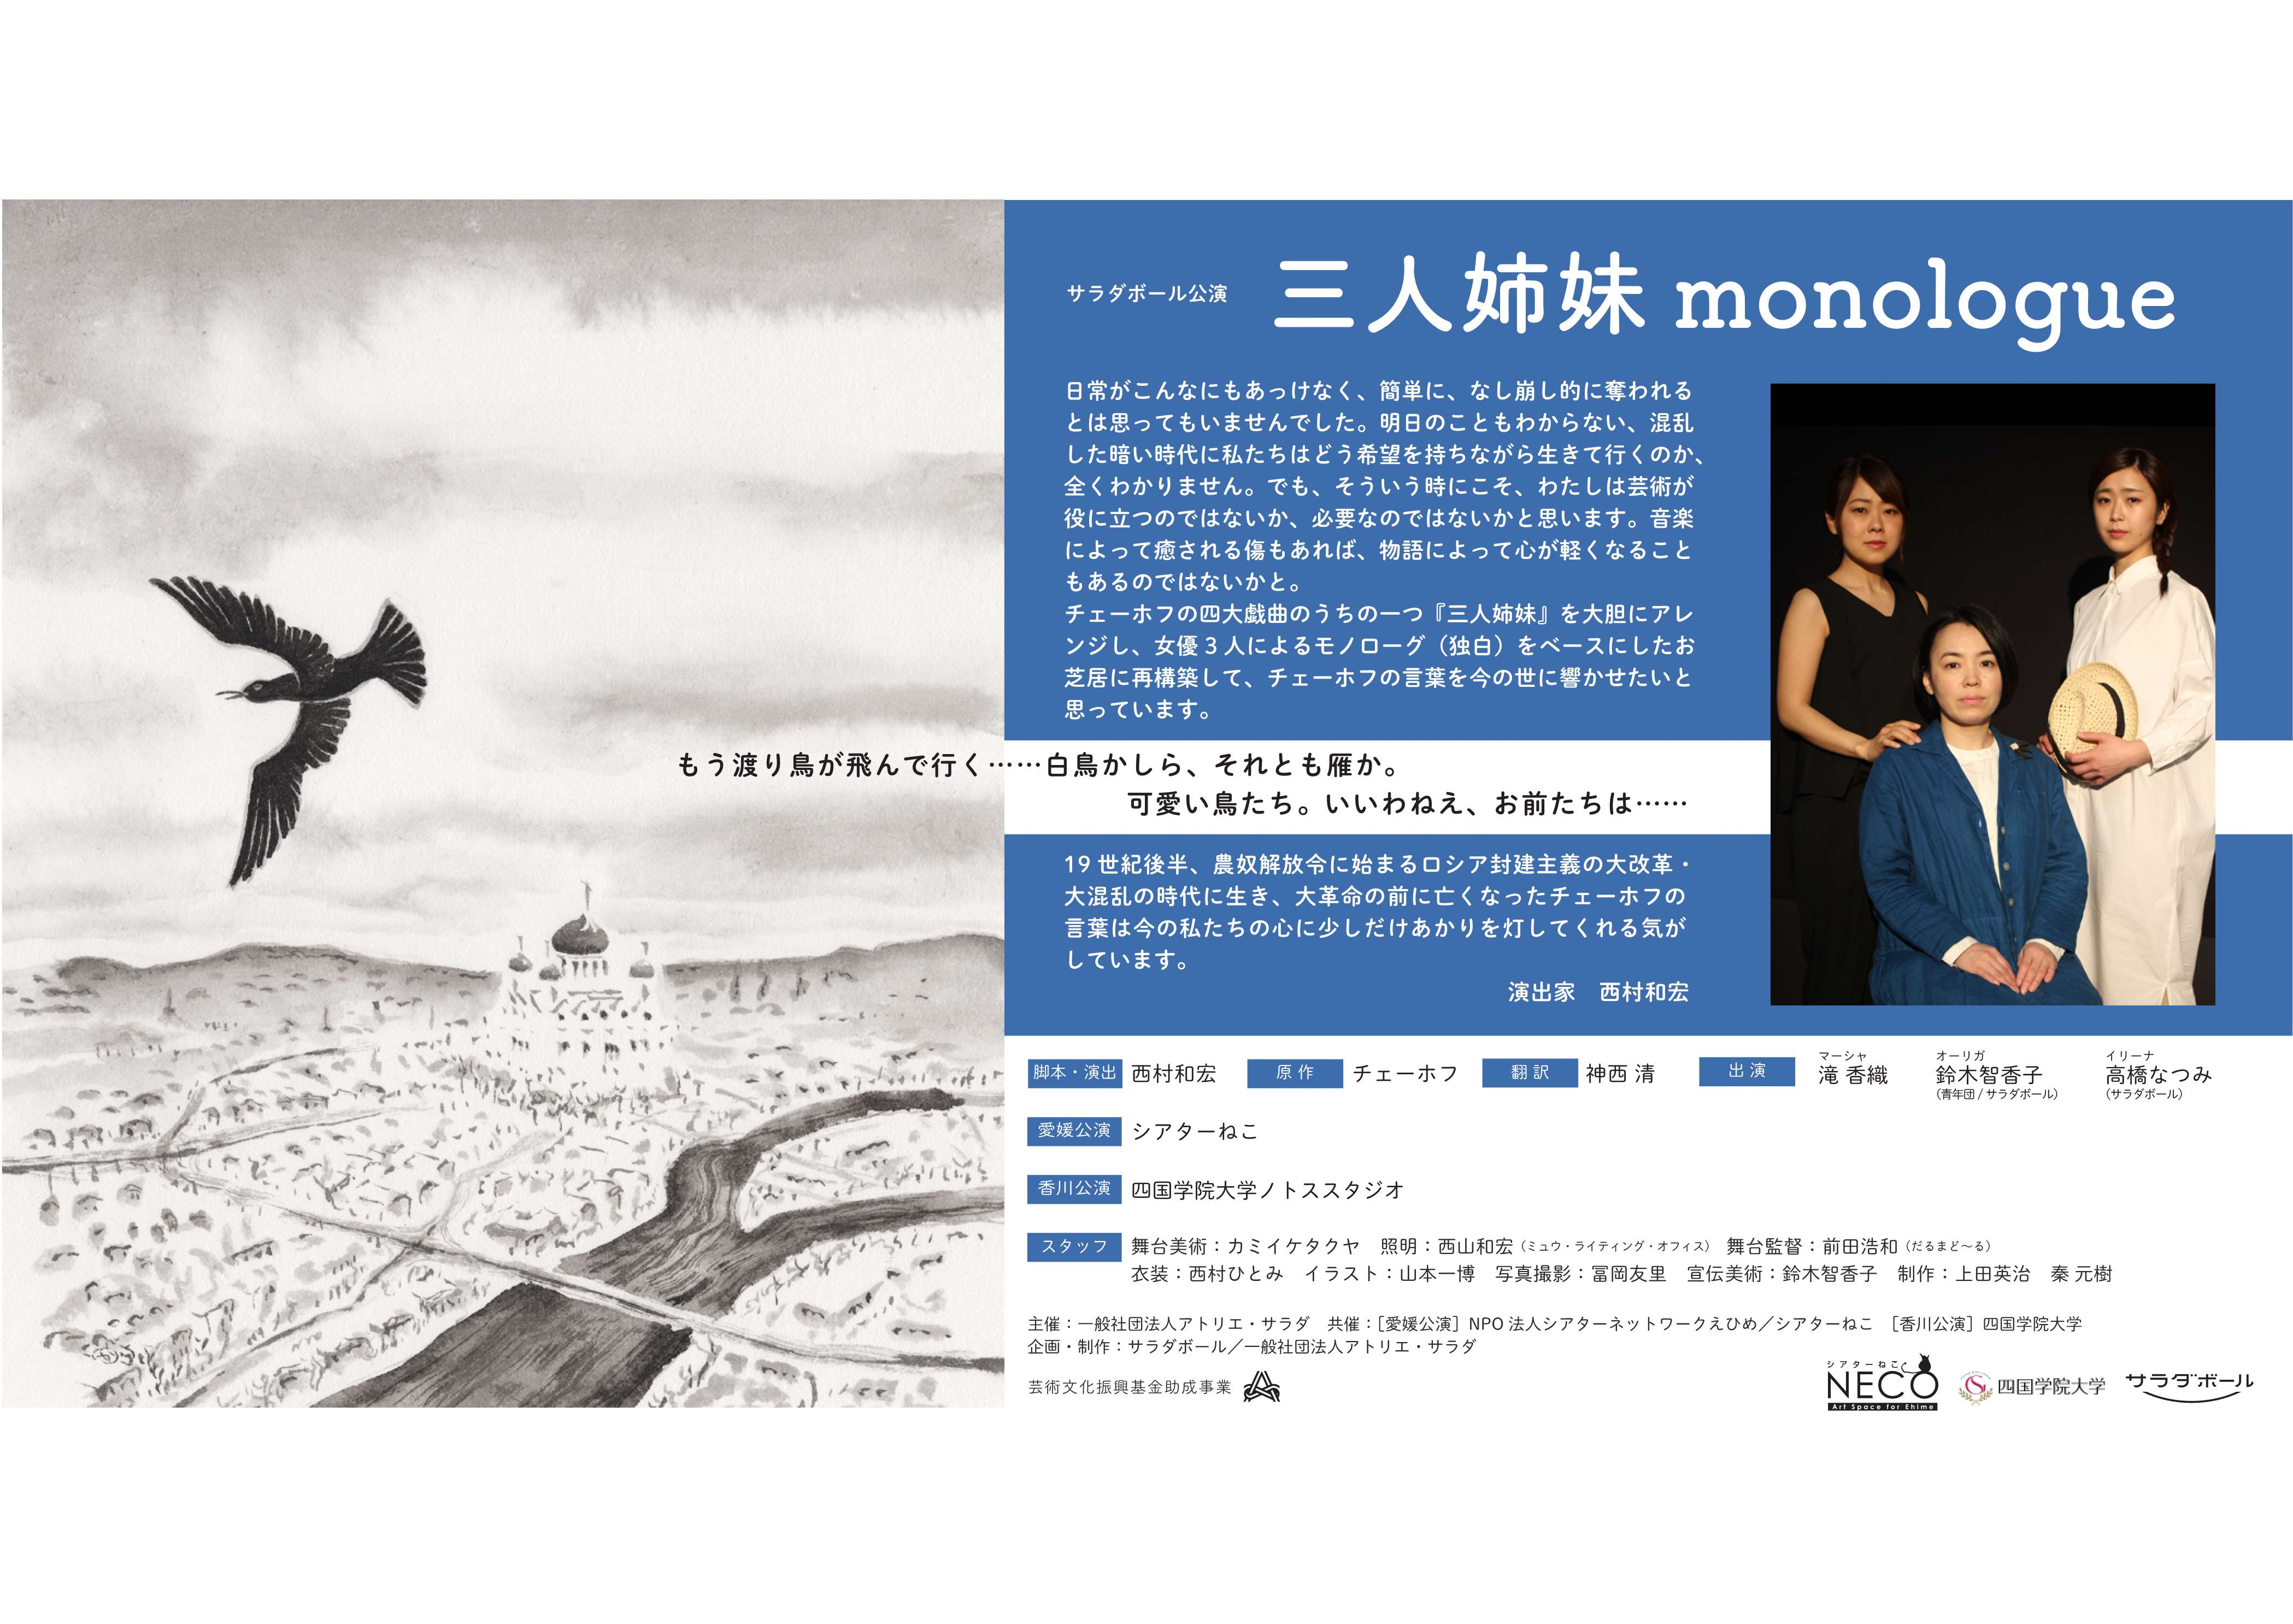 『三人姉妹monologue』公演延期のお知らせ